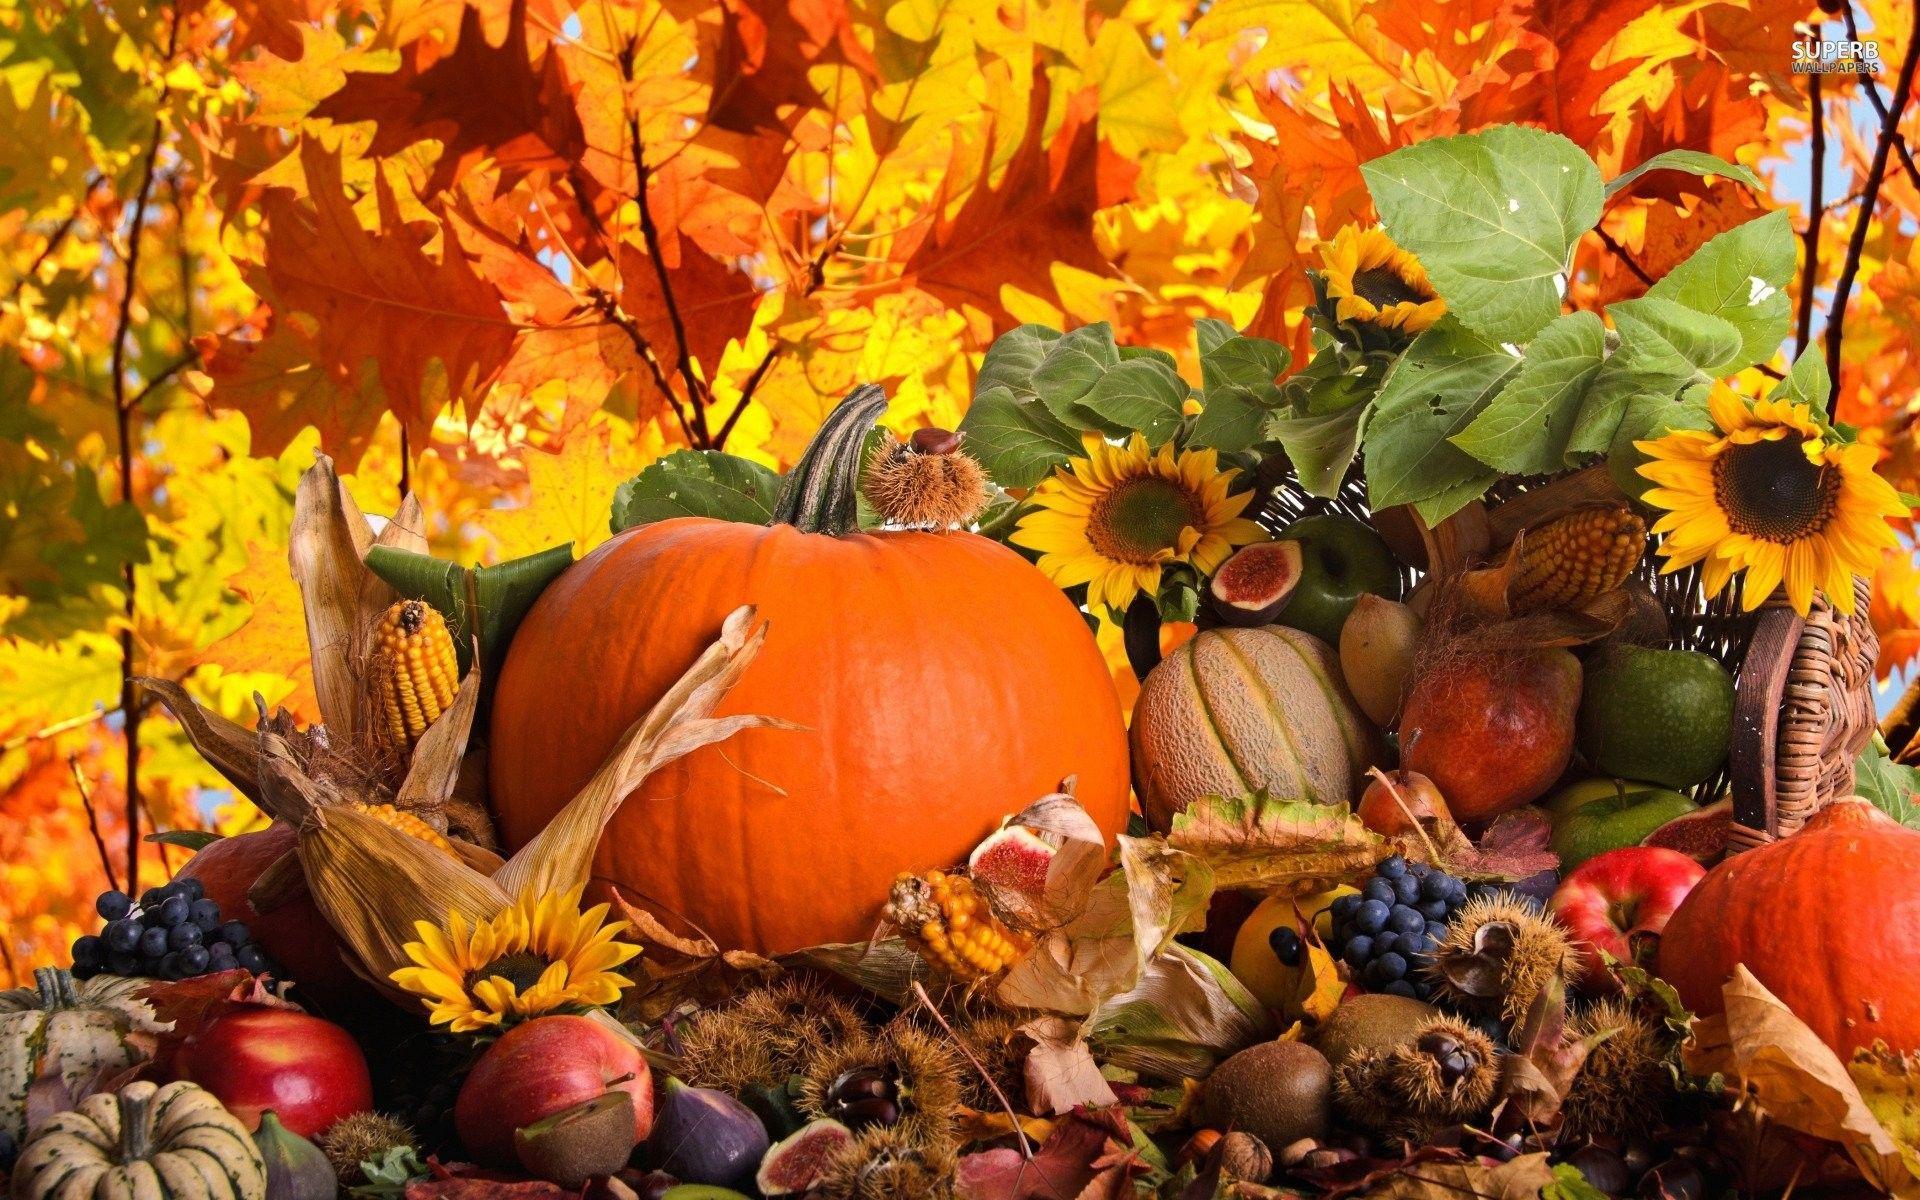 fall pumpkin wallpaper backgrounds